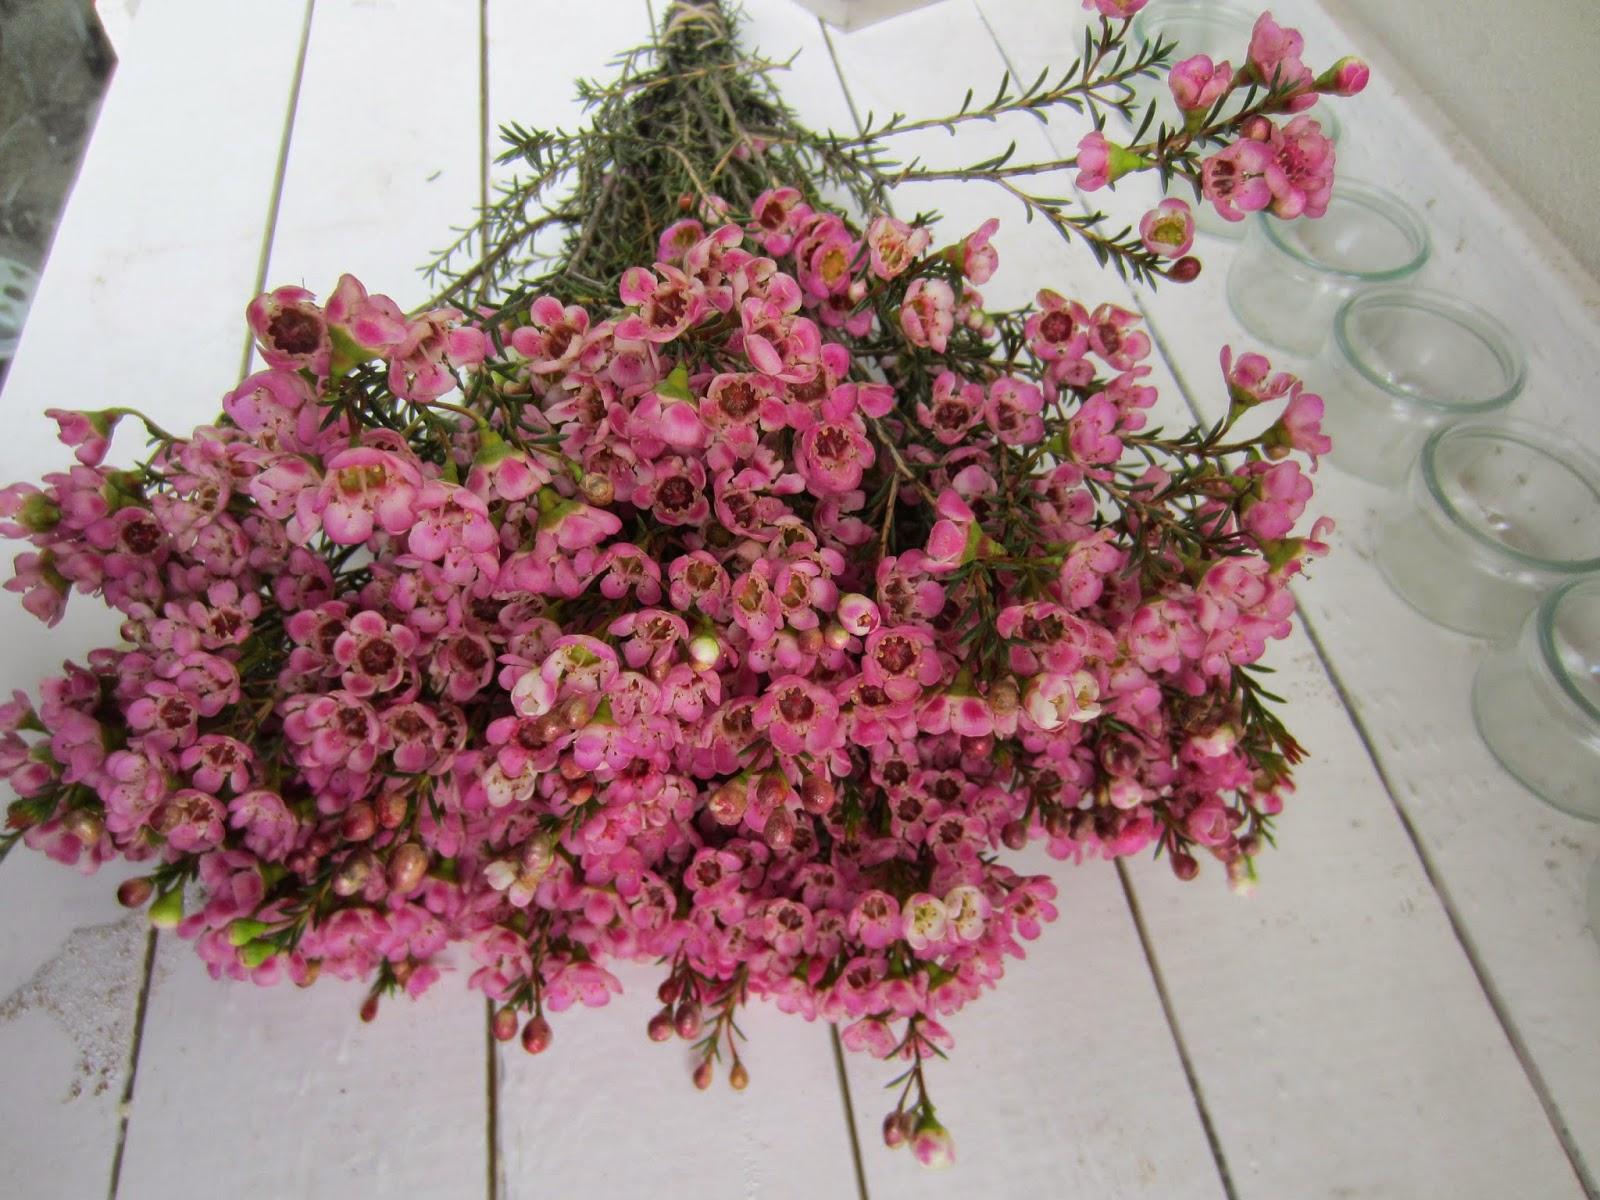 la petite boutique de fleurs bouquet champ tre. Black Bedroom Furniture Sets. Home Design Ideas